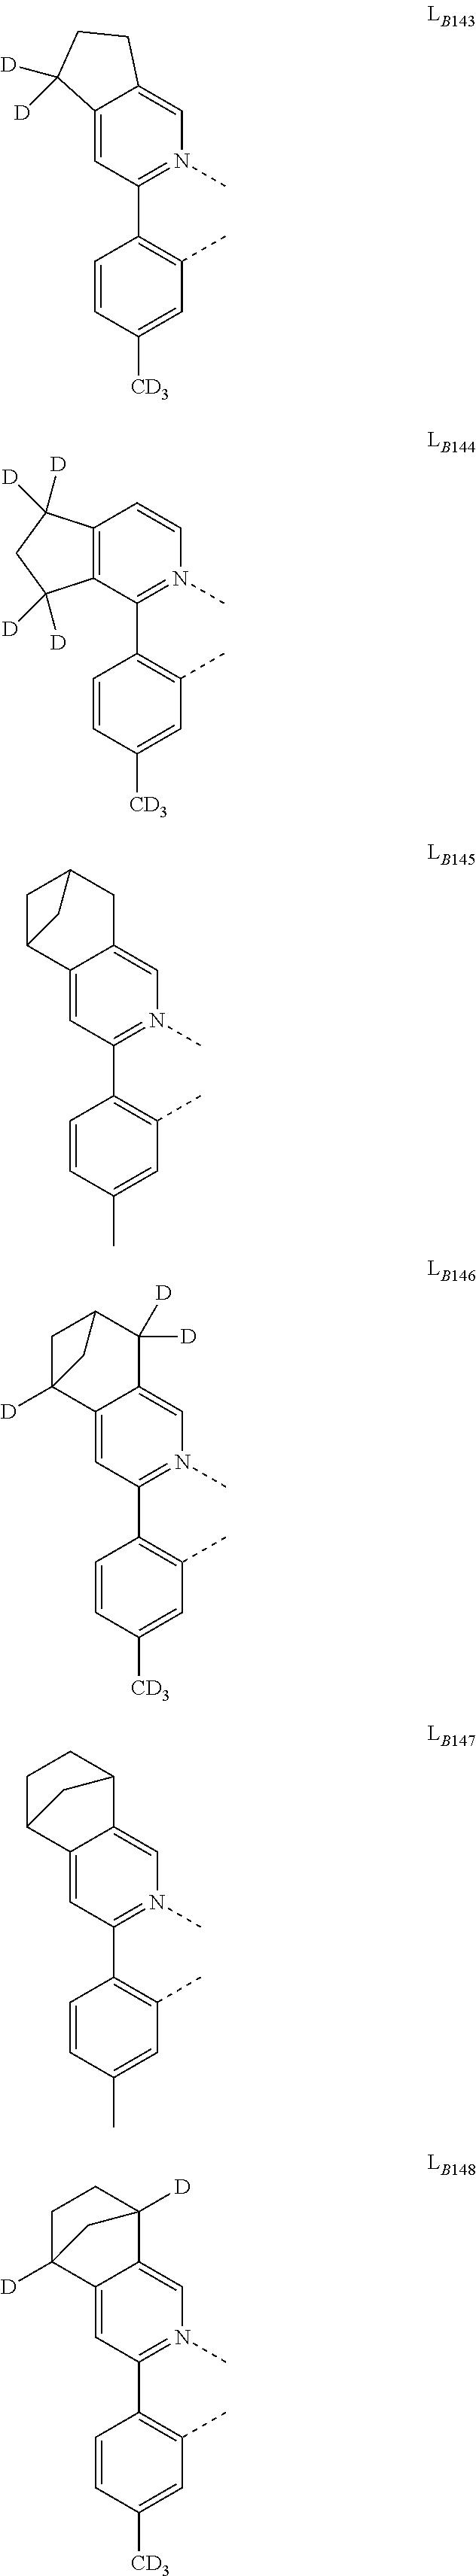 Figure US20180130962A1-20180510-C00288